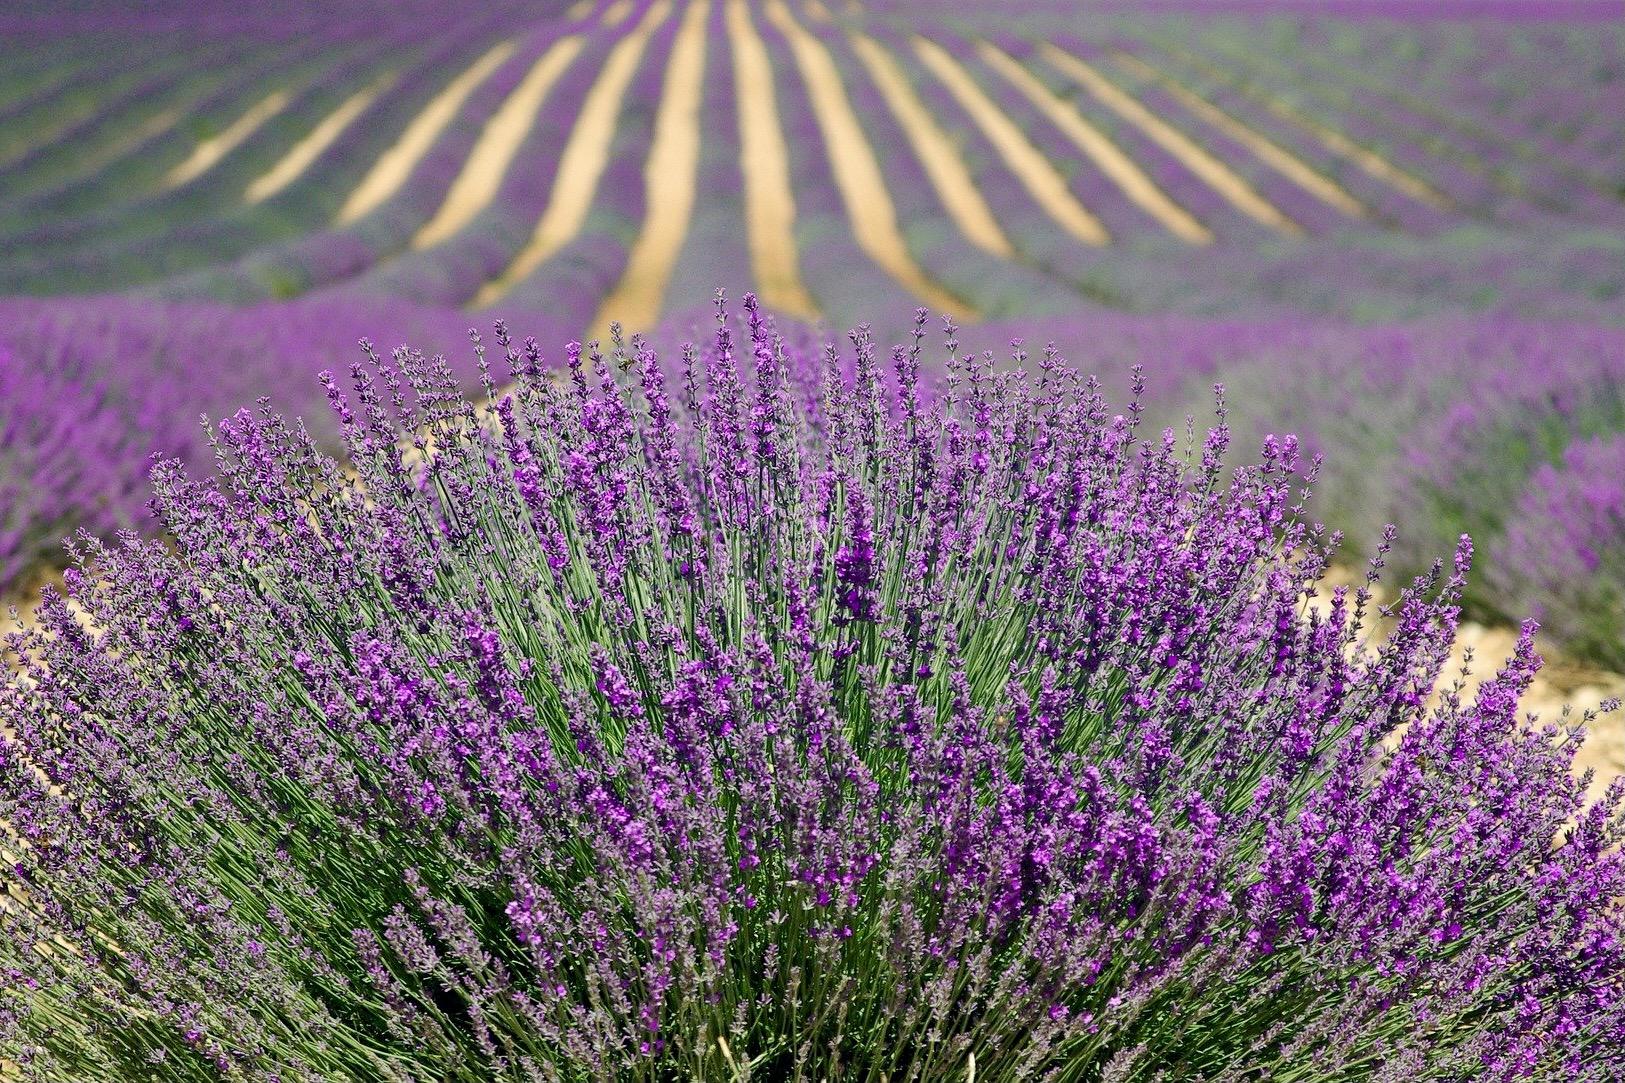 Lavendelfelder sind für die Provence bekannt